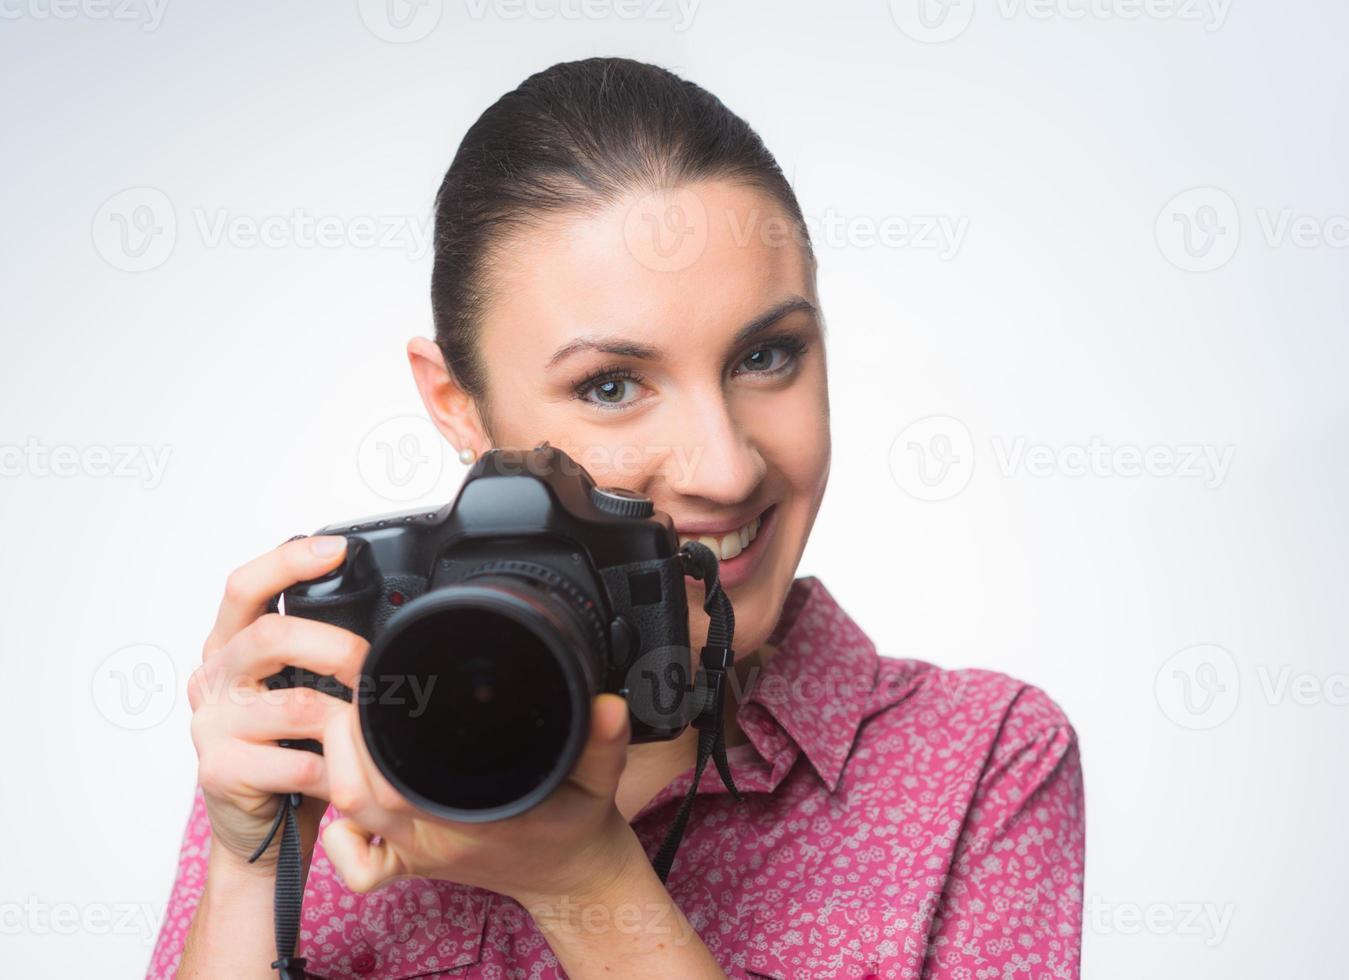 fotograaf schieten foto